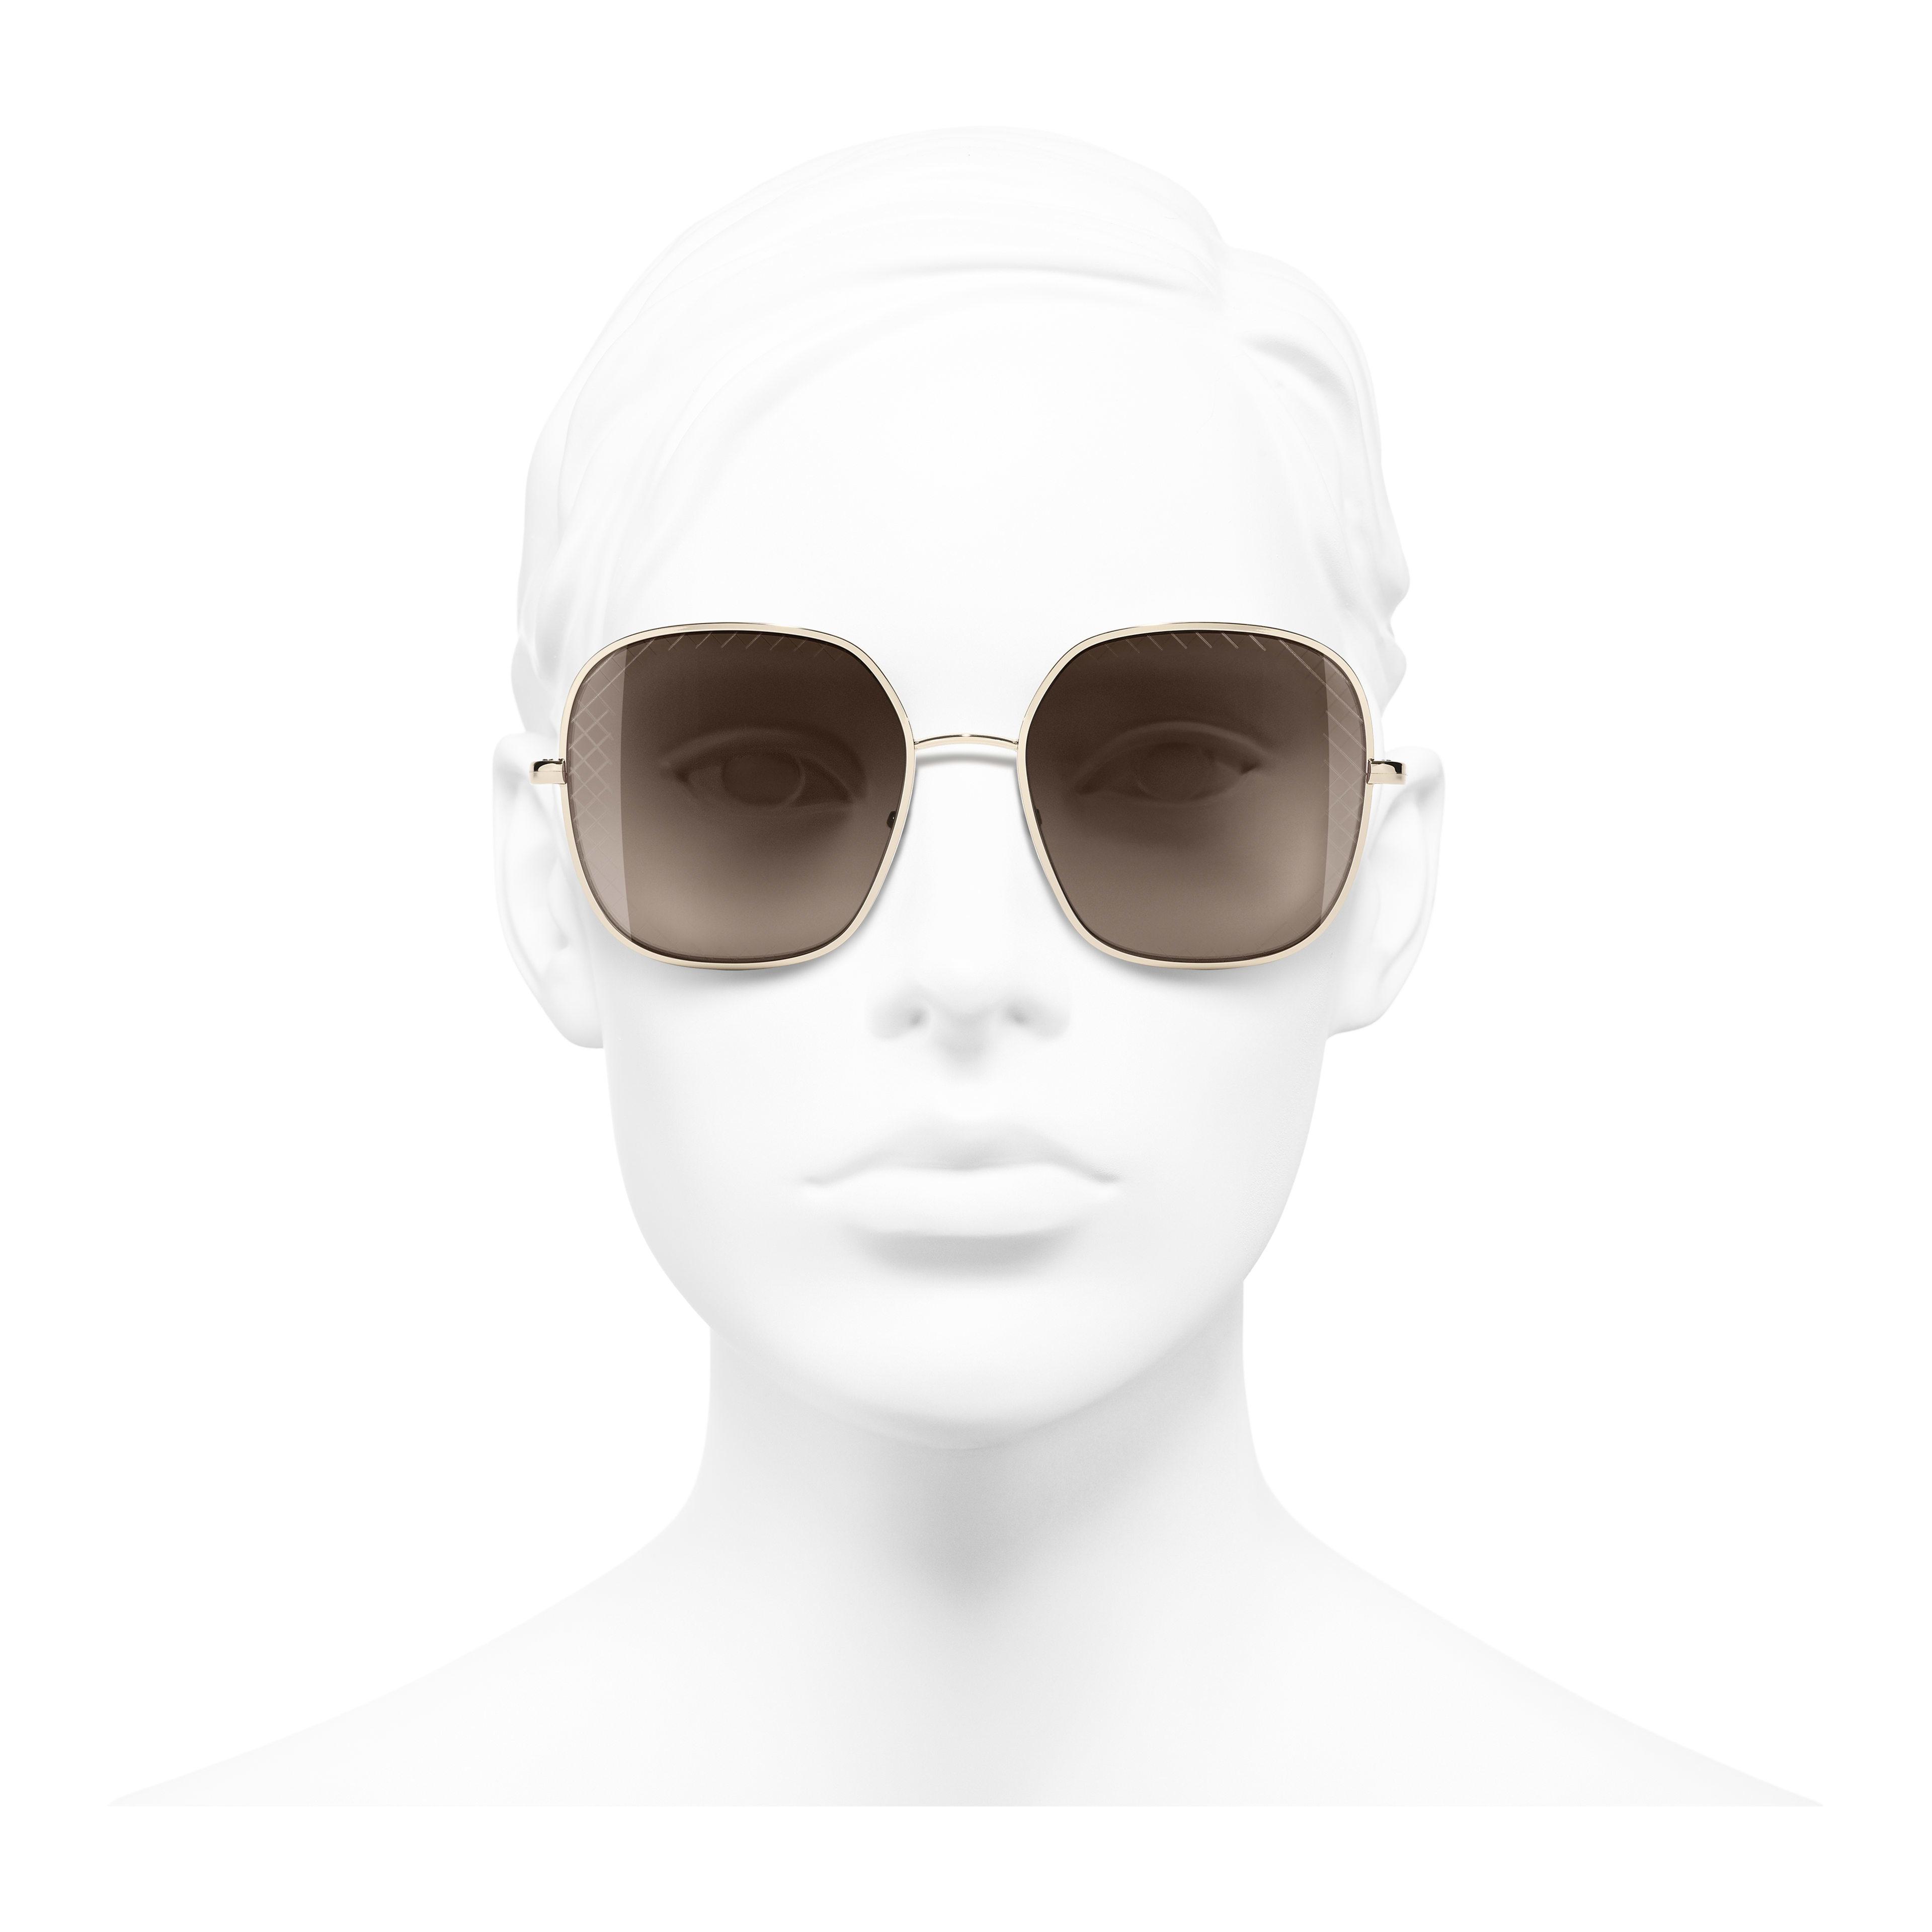 Солнцезащитные очки квадратной формы - Золотистый - Металл - Вид анфас - посмотреть полноразмерное изображение